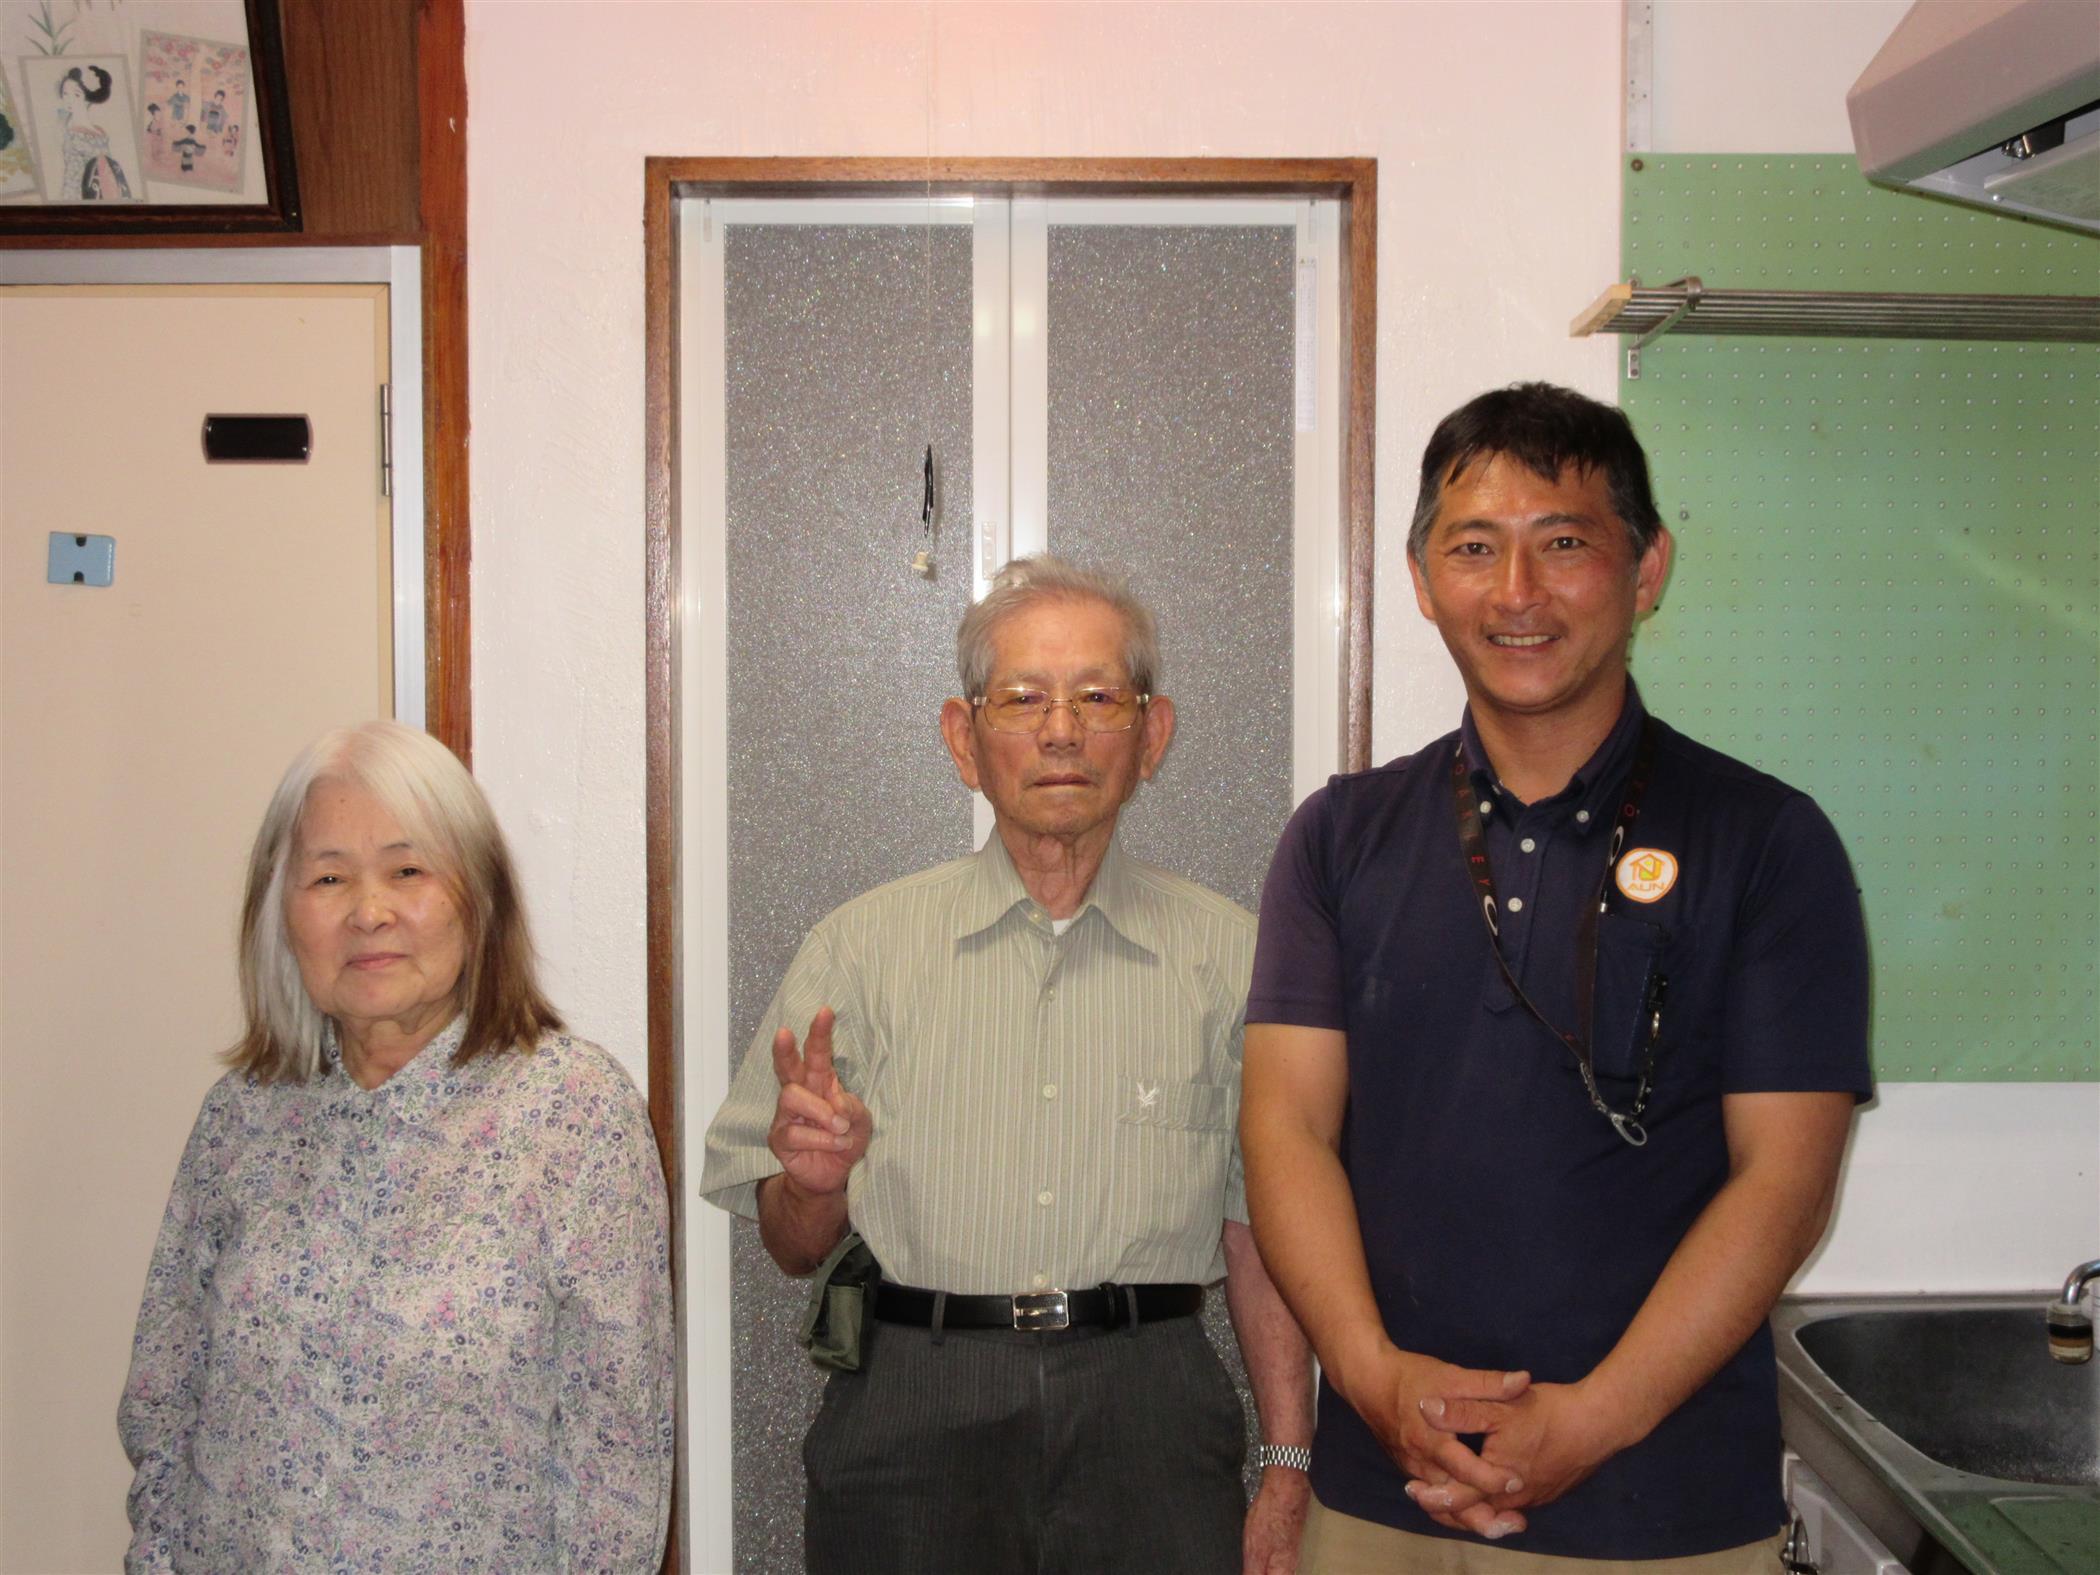 沖縄・那覇のリフォーム 実際のお客様の写真:問合せの対応がよくて、ネットでも評判よく信頼出来そうなので